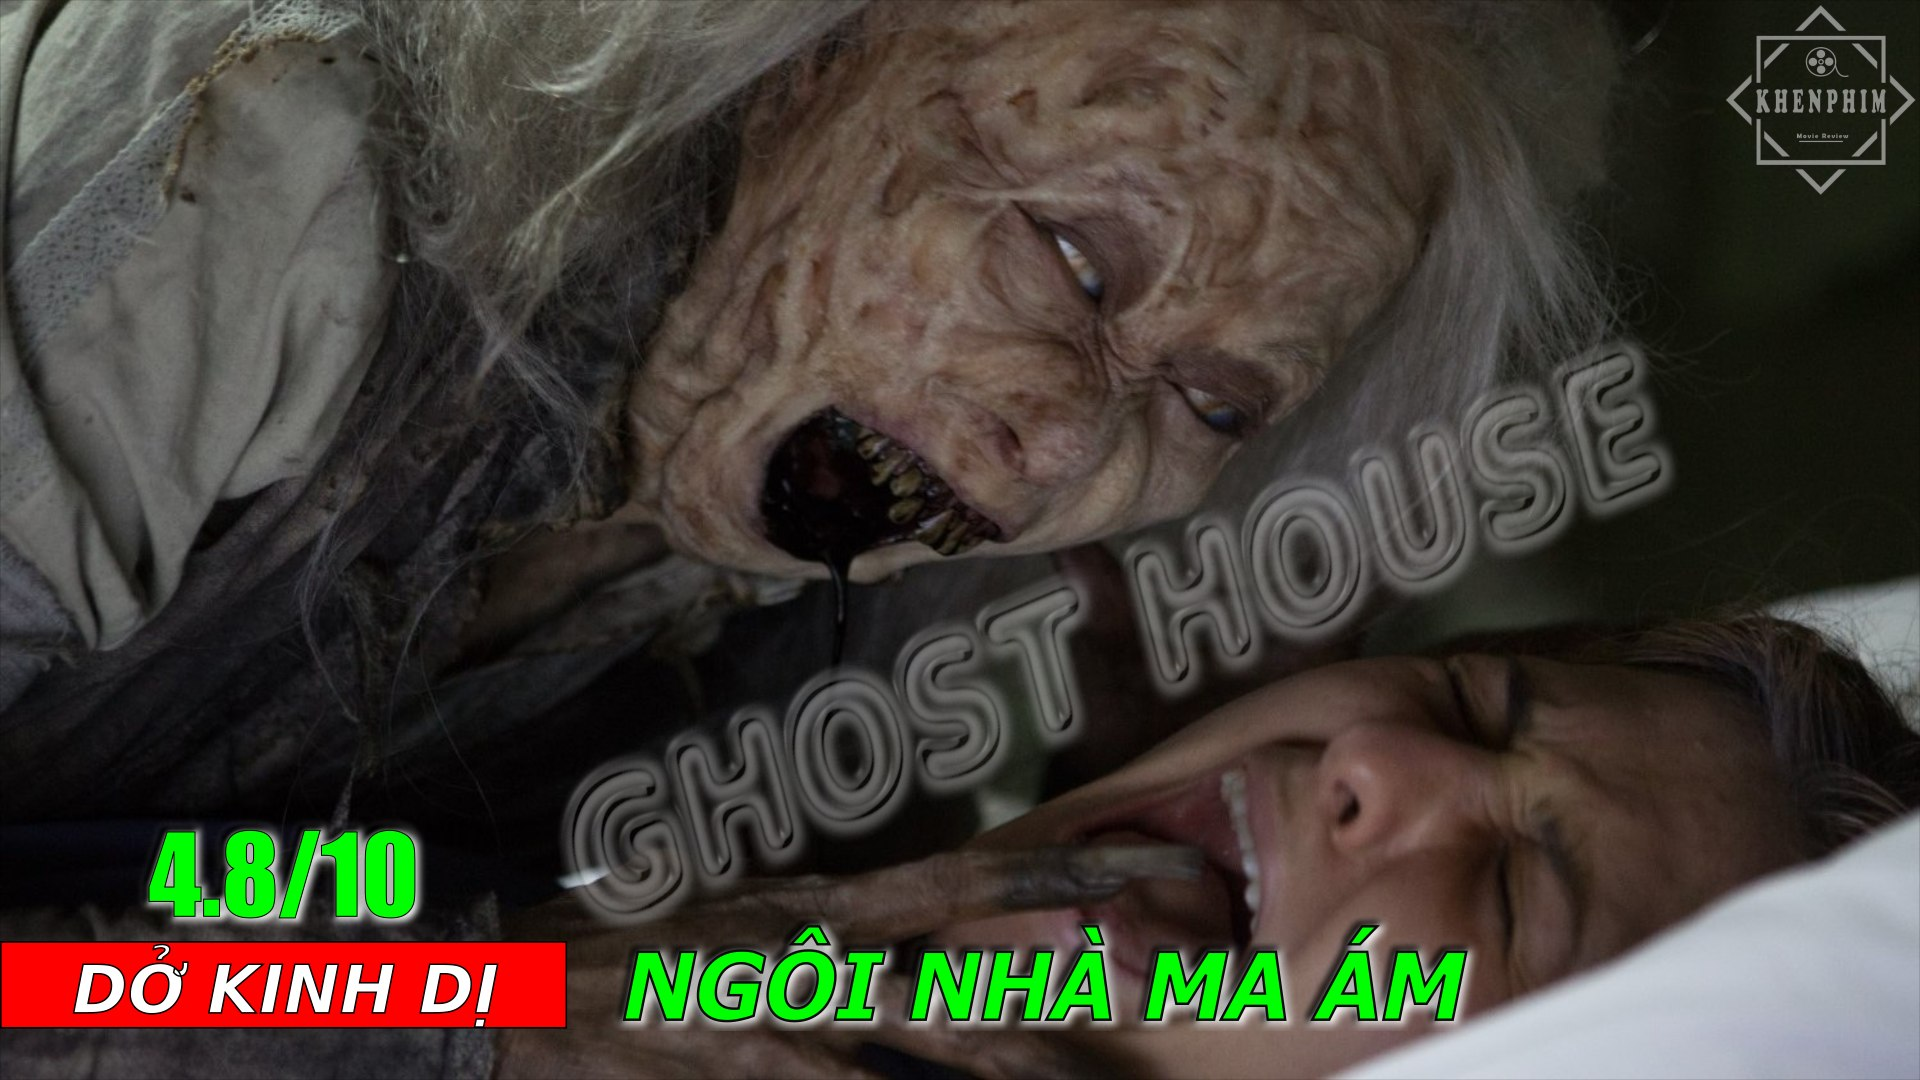 Review phim Ghost House (Ngôi Nhà Ma Ám) - cú lừa mới đến từ các rạp phim